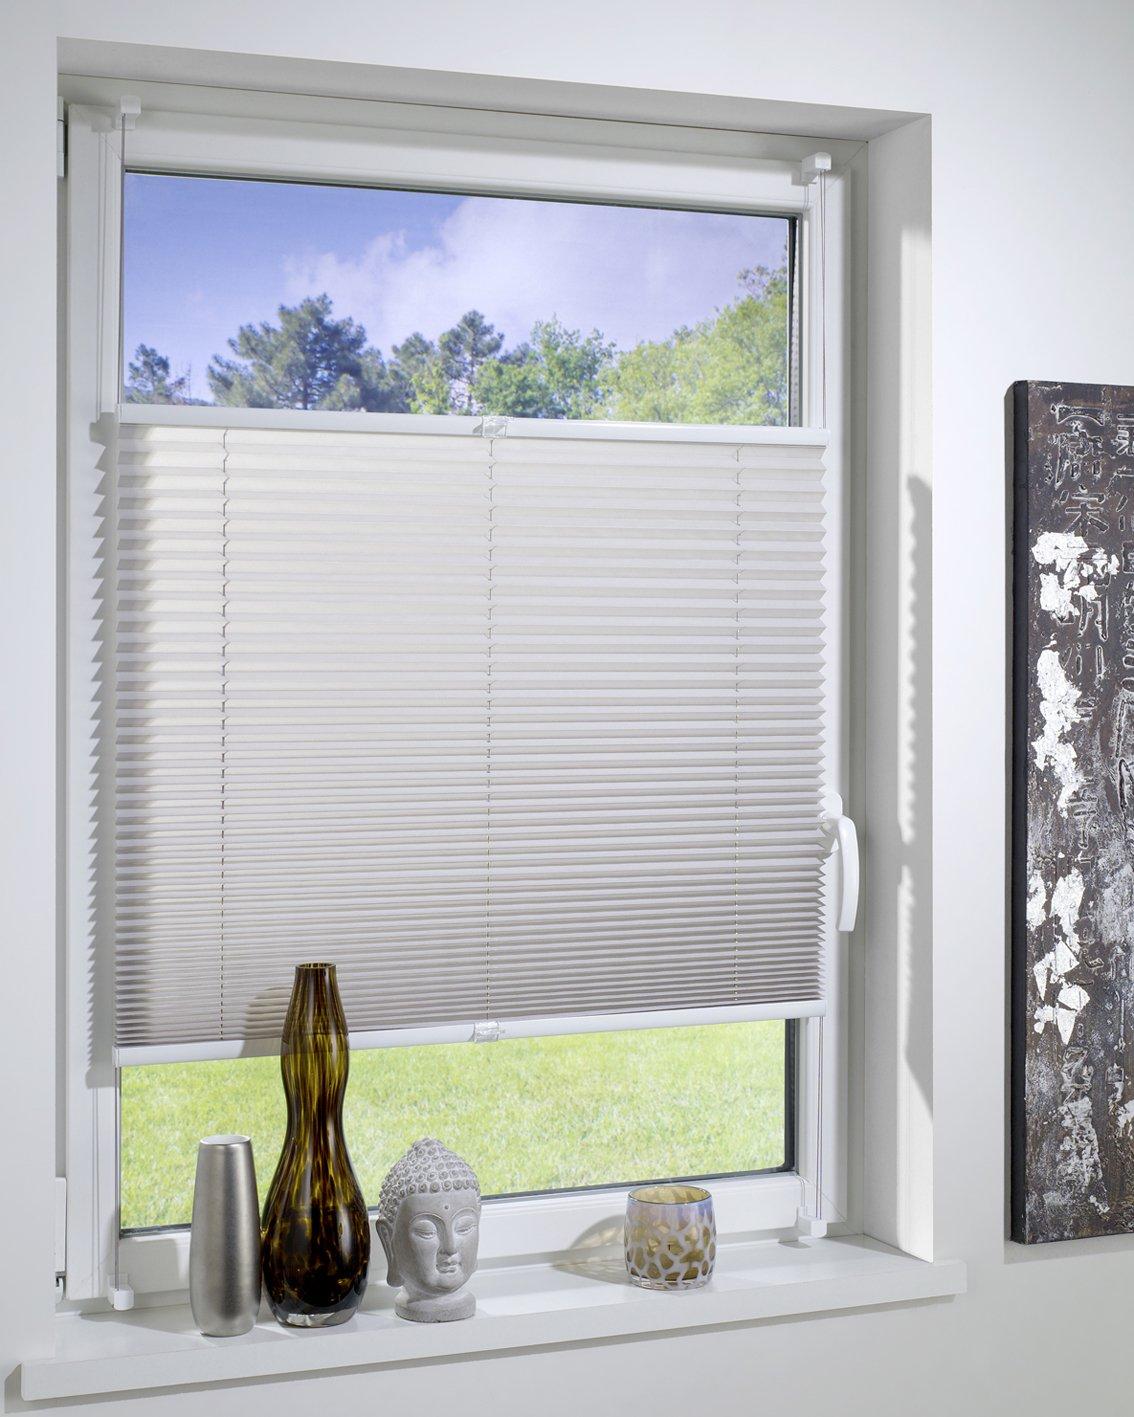 Charming Einfache Dekoration Und Mobel Farbig Und Flexibel Plissee Rollos 2 #6: Amazon.de: DecoProfi PLISSEE Grau, Verspannt, Breite 90cm X 220cm (max.  Gesamthöhe Fensterflügel)